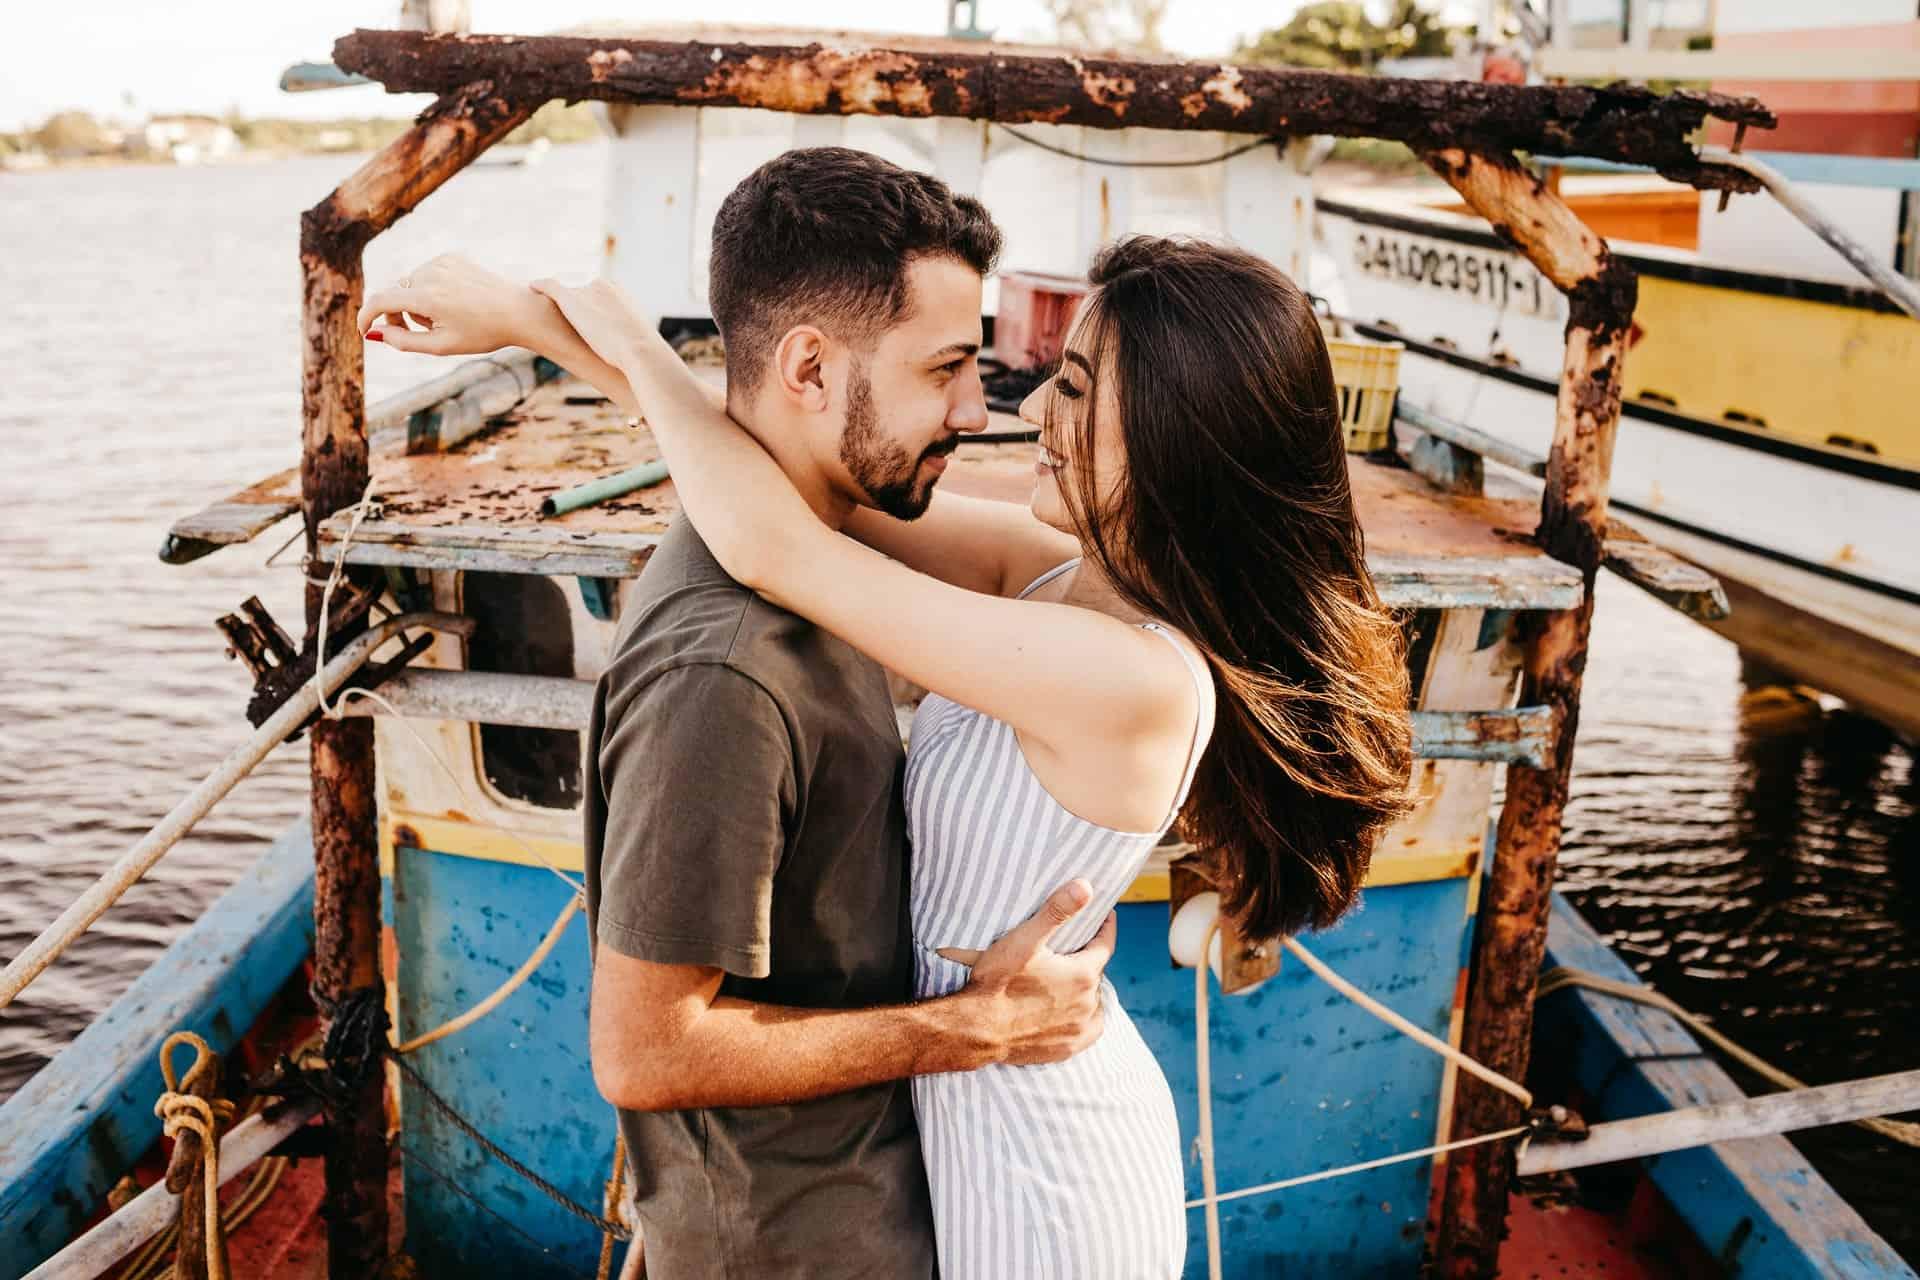 Ein Mann und eine Frau stehen auf dem Schiff